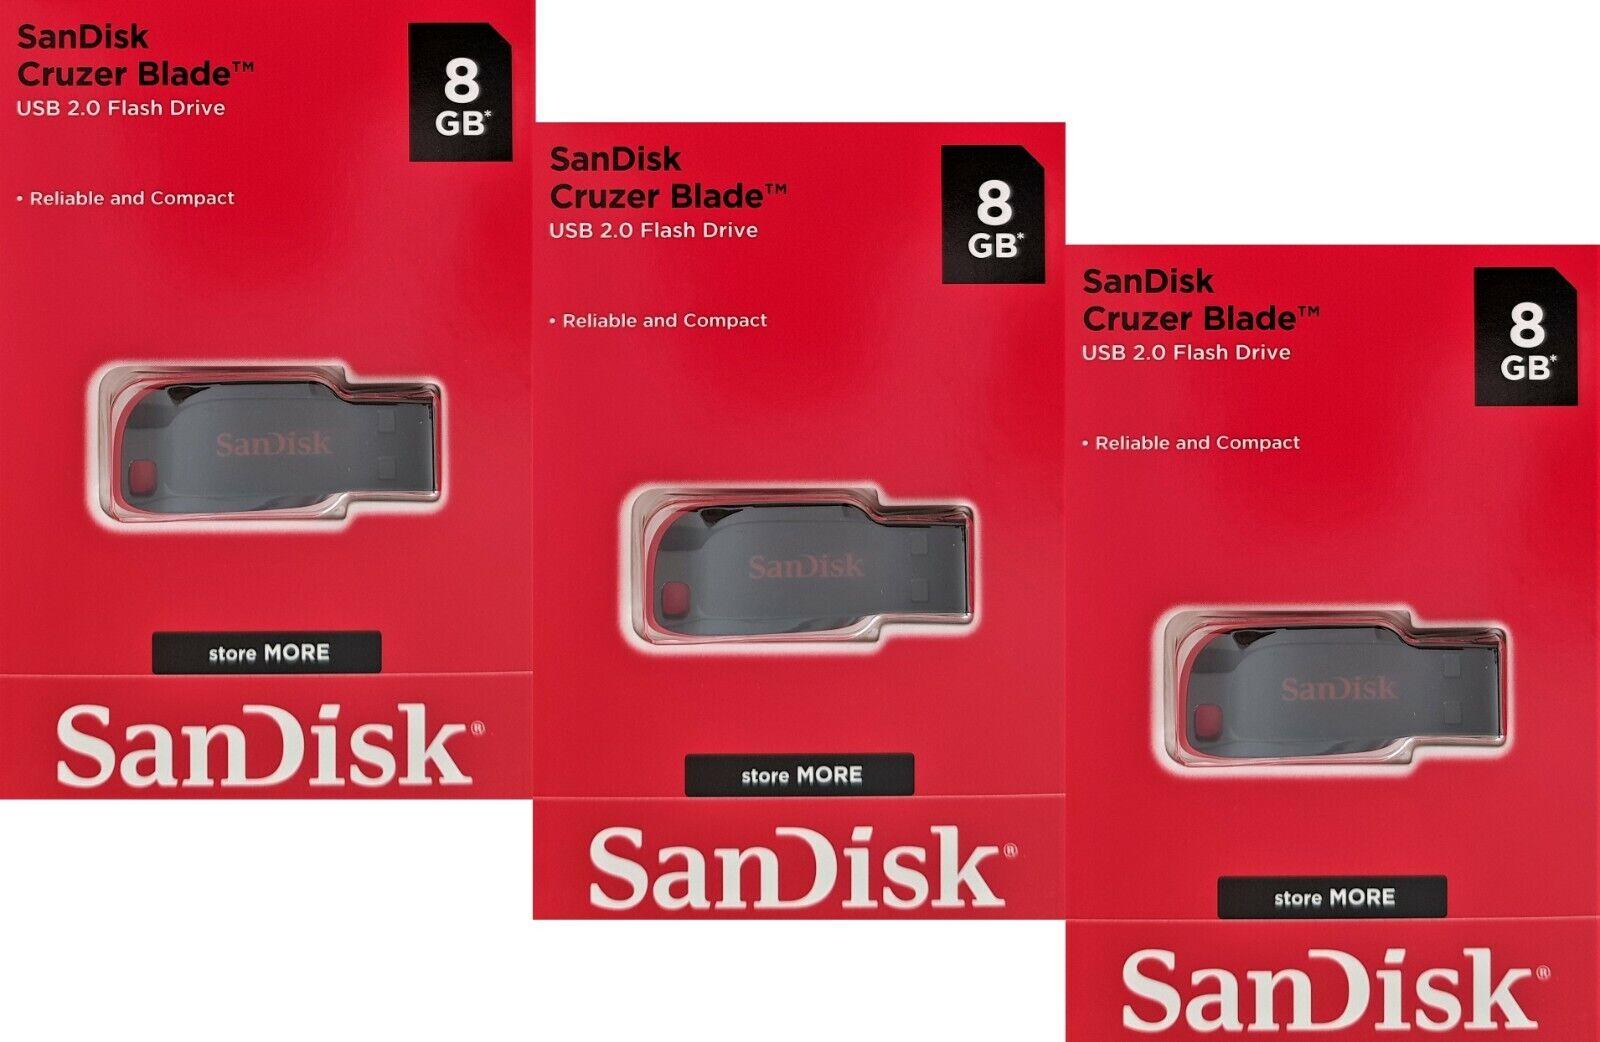 3x 8GB USB Stick